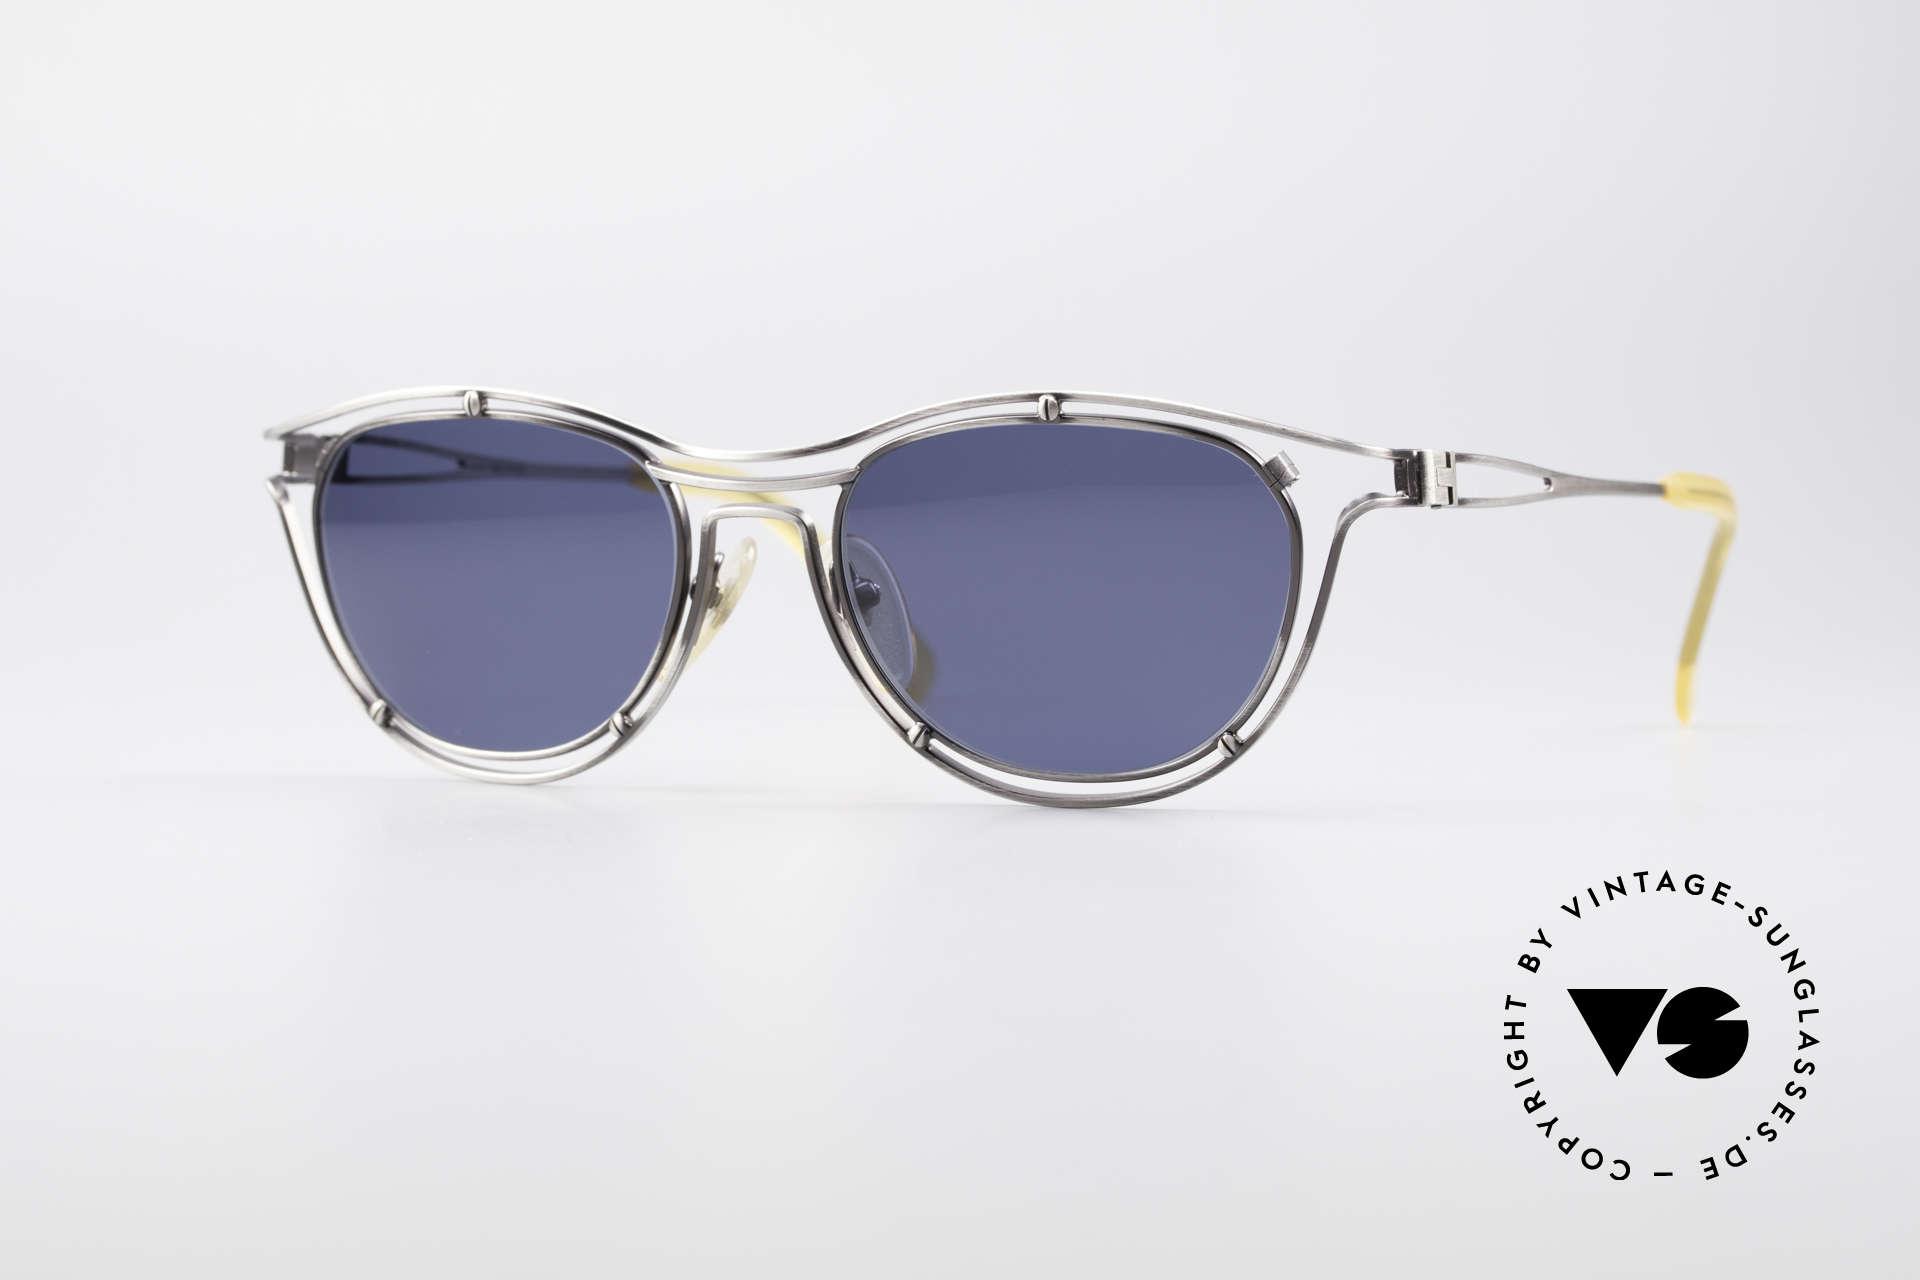 Jean Paul Gaultier 56-2176 Echte Designer Sonnenbrille, spektakuläre Jean Paul GAULTIER Designer-Brille, Passend für Herren und Damen